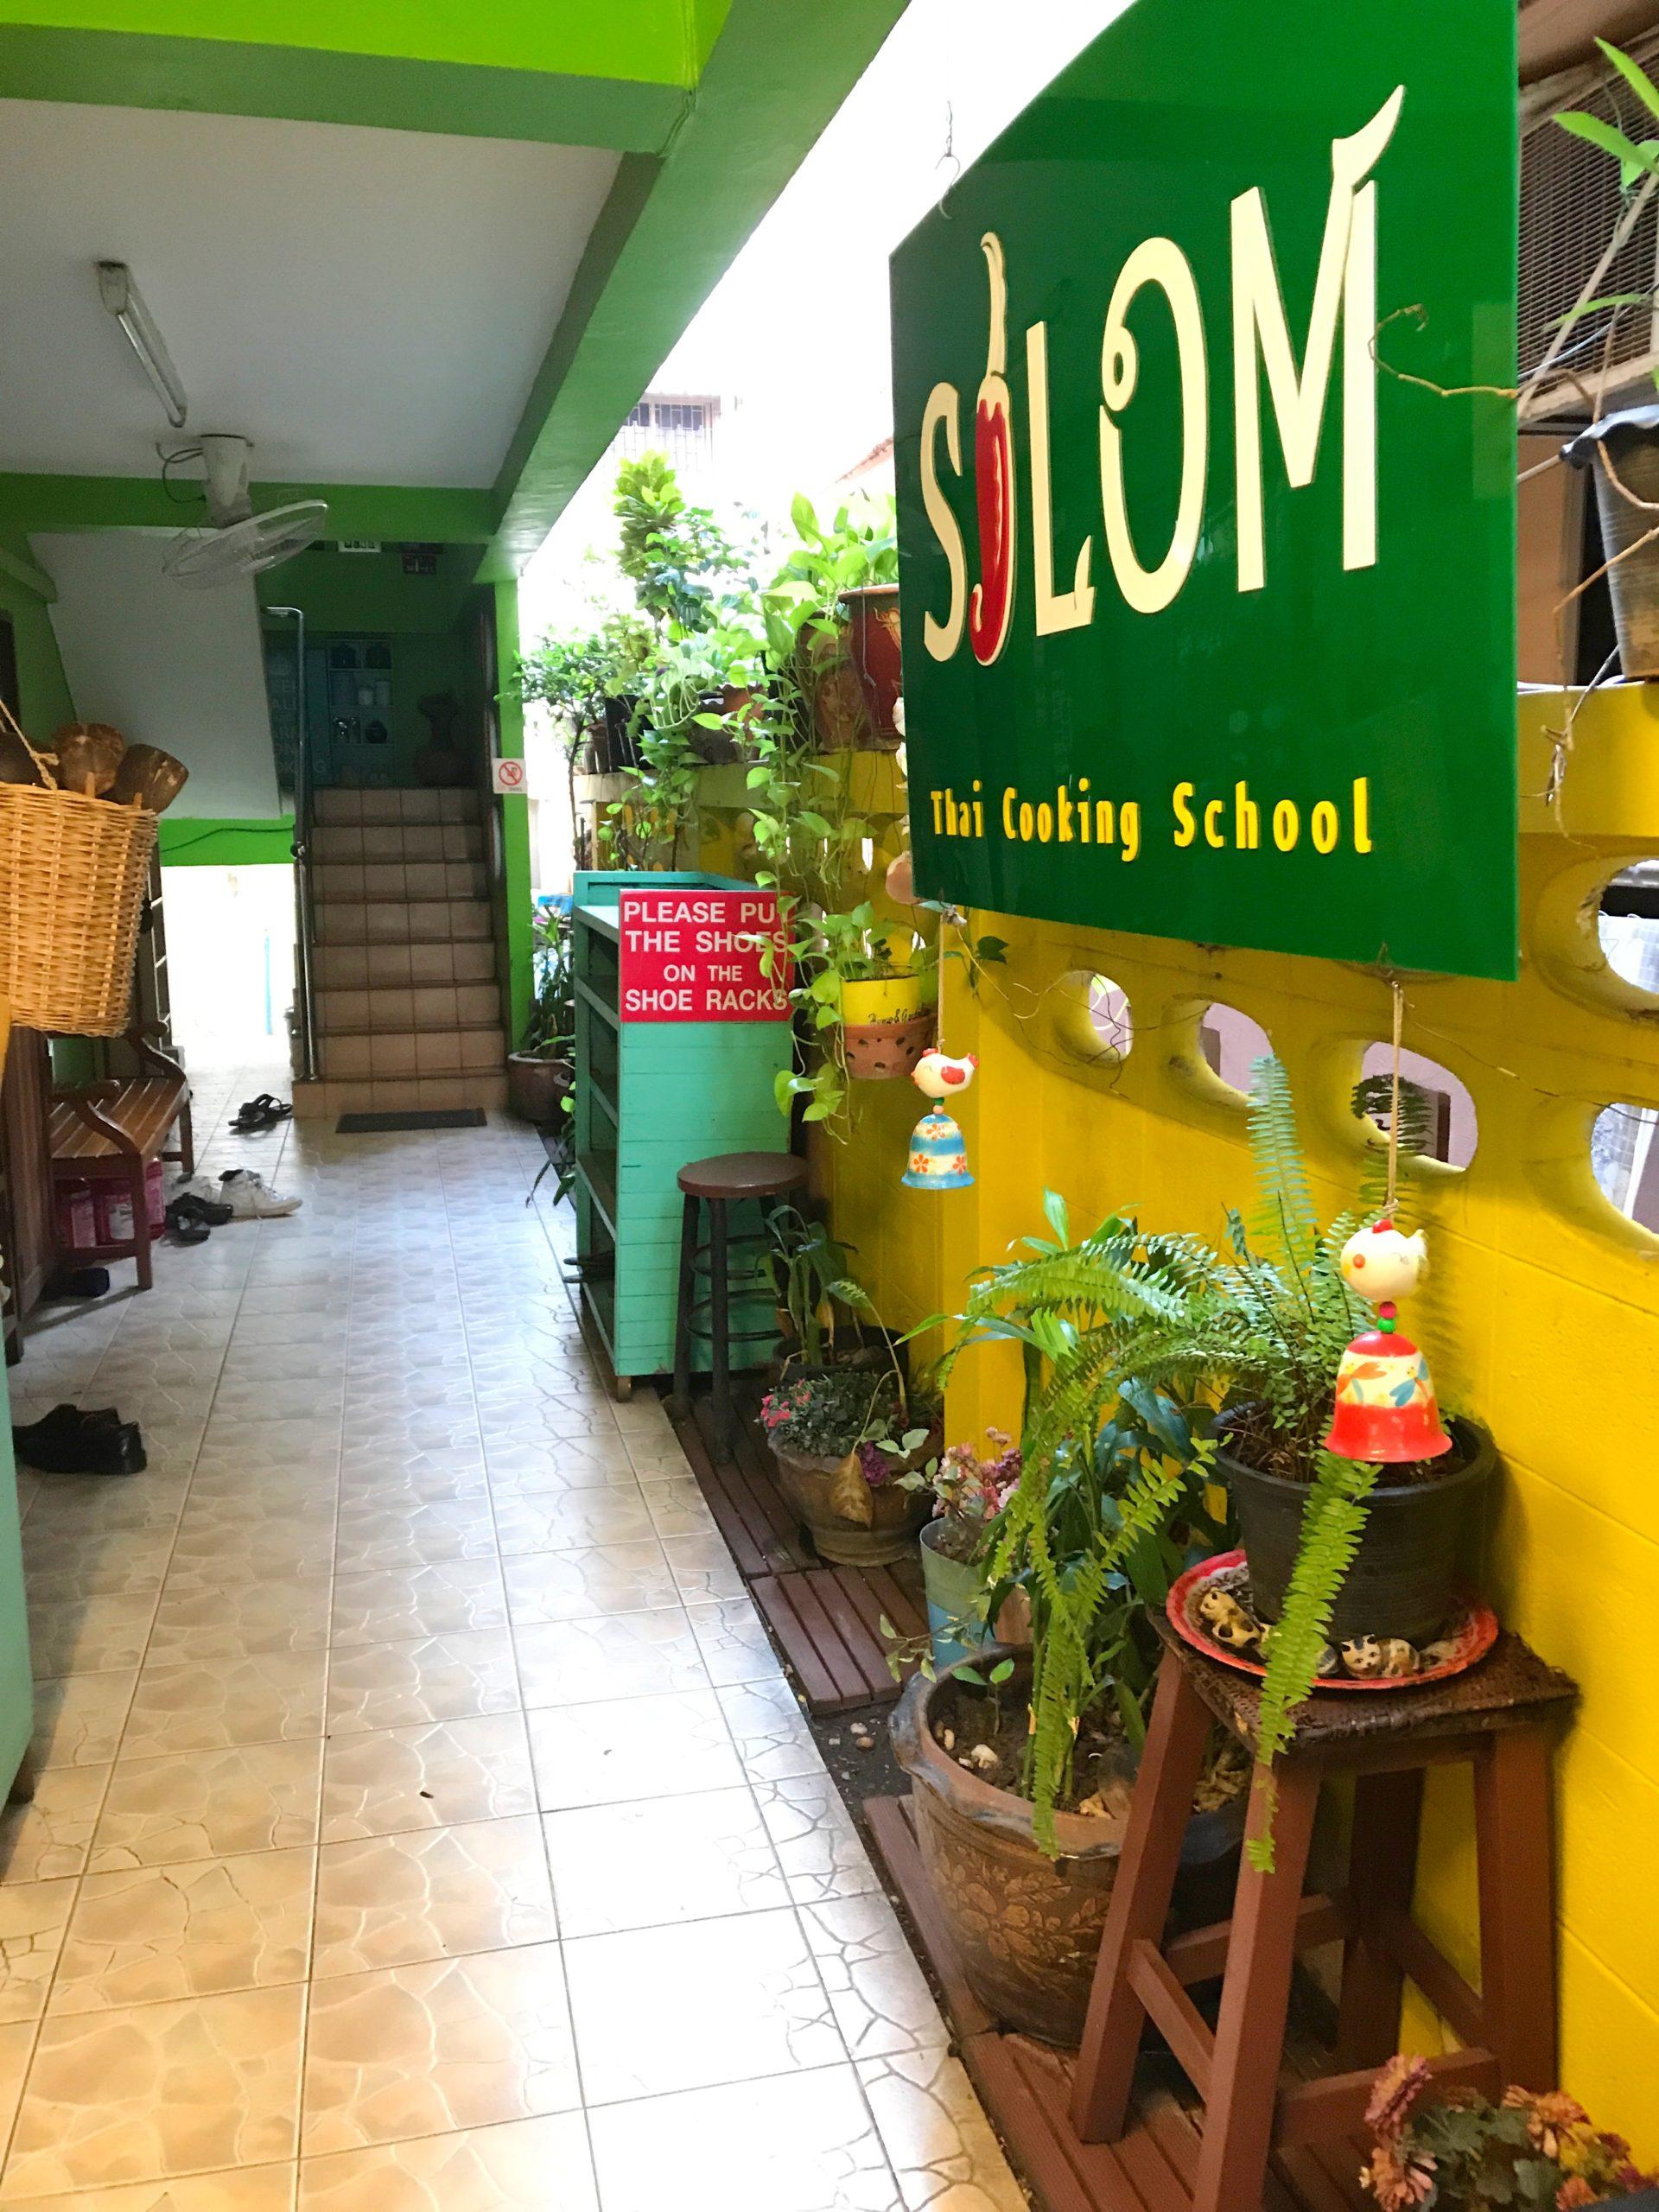 【バンコク】【料理教室】【シーロムタイ・クッキングスクール】【shilom thai cooking school】【リピーター】【夜クラス】